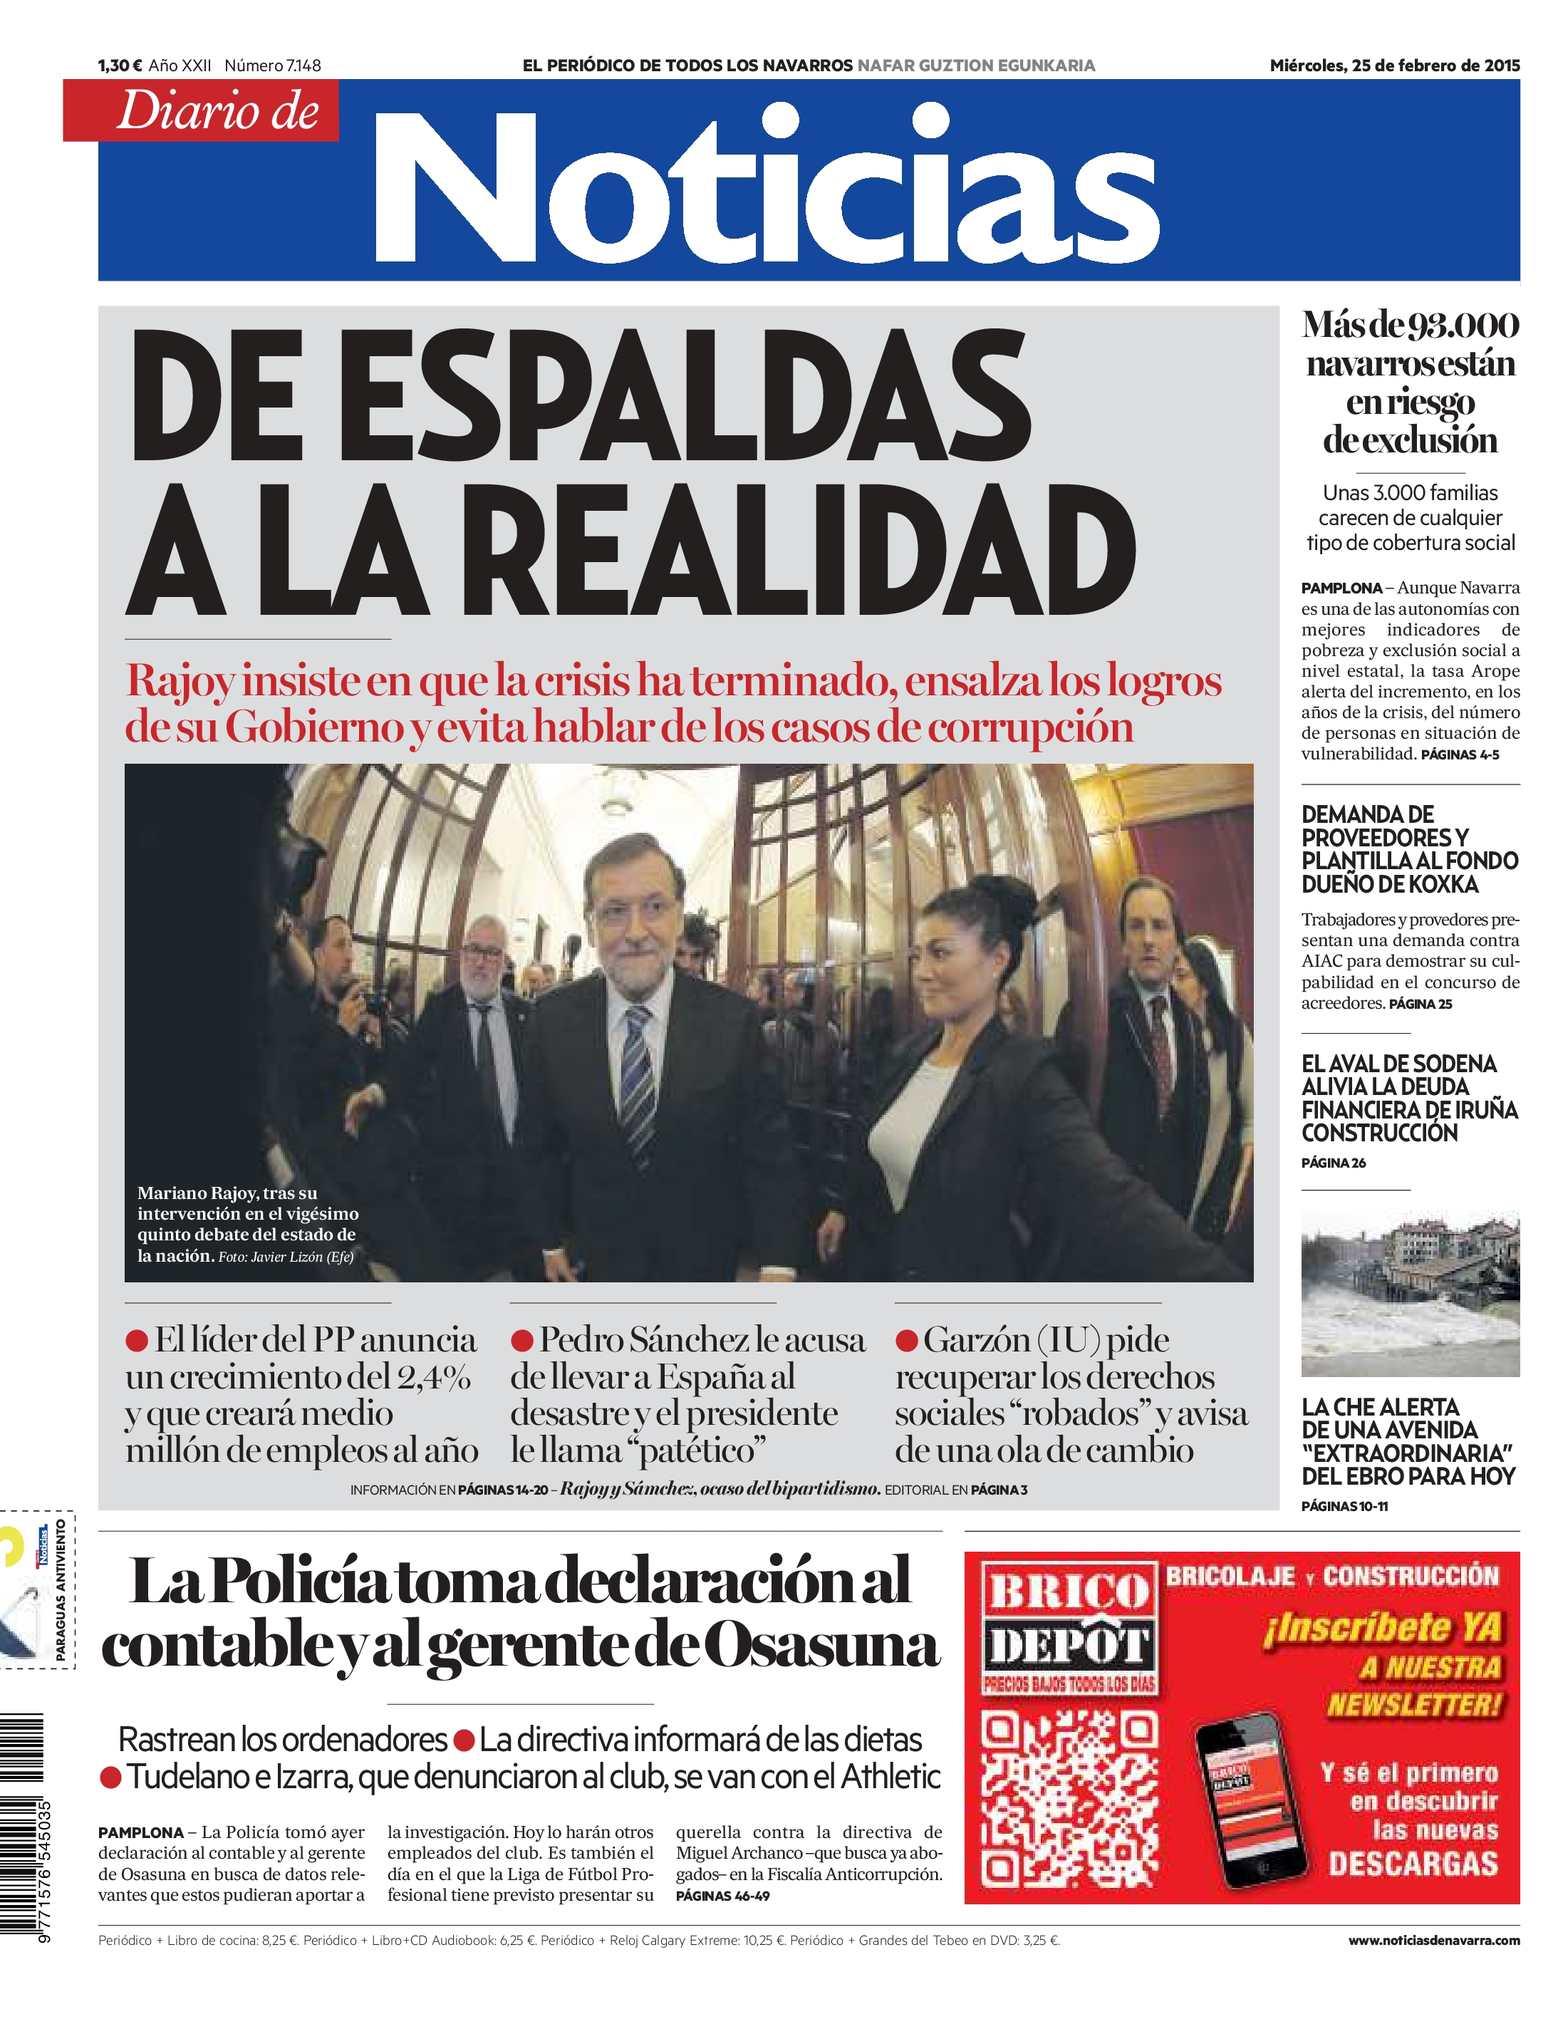 Calaméo - Diario de Noticias 20150225